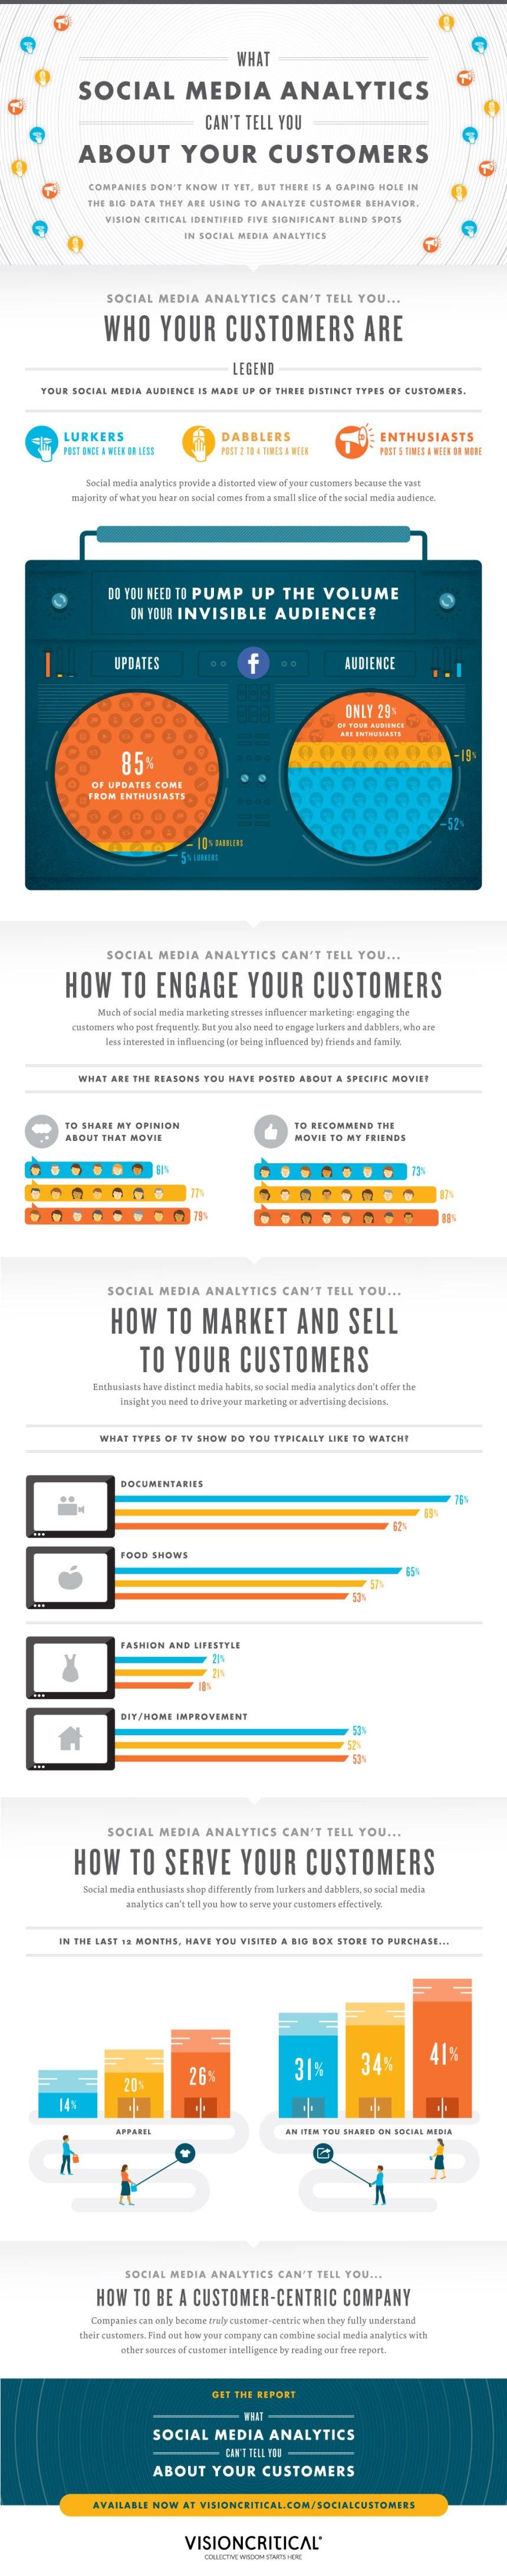 Analiza tus Redes Sociales para conocer a tus clientes